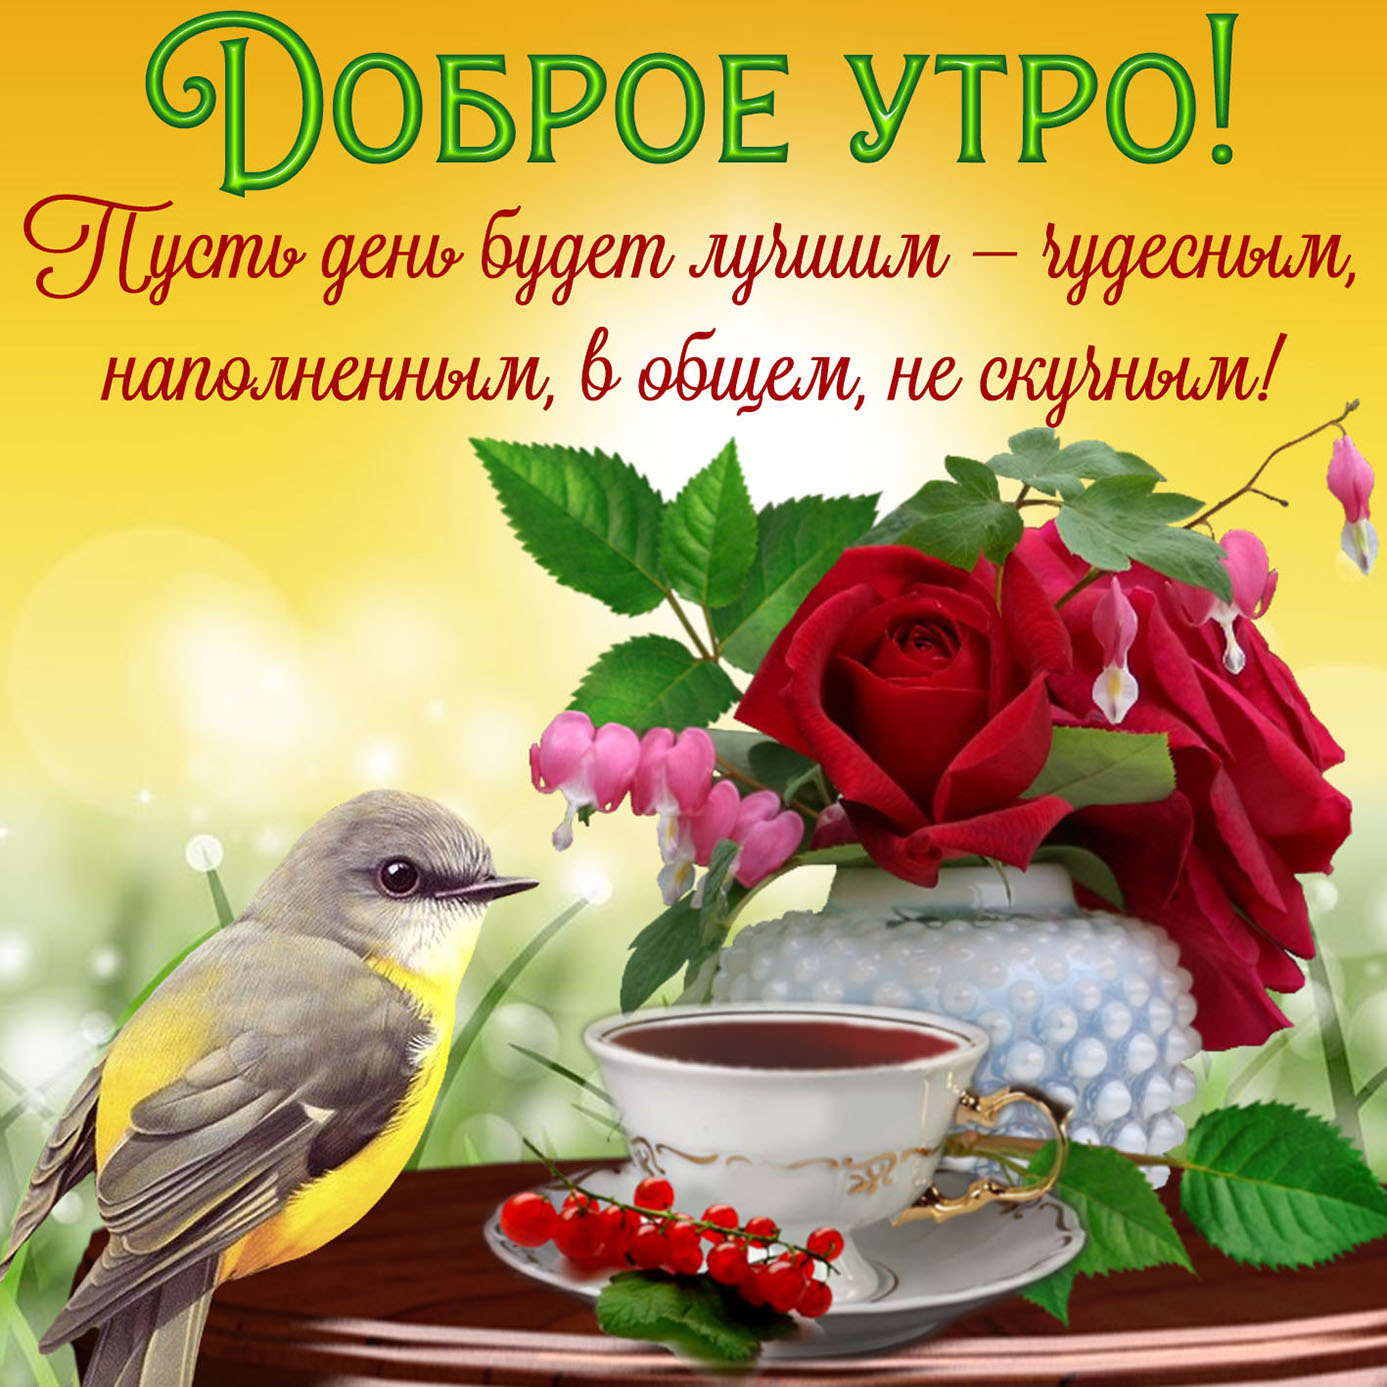 Пожелание с добрым утром фото картинки